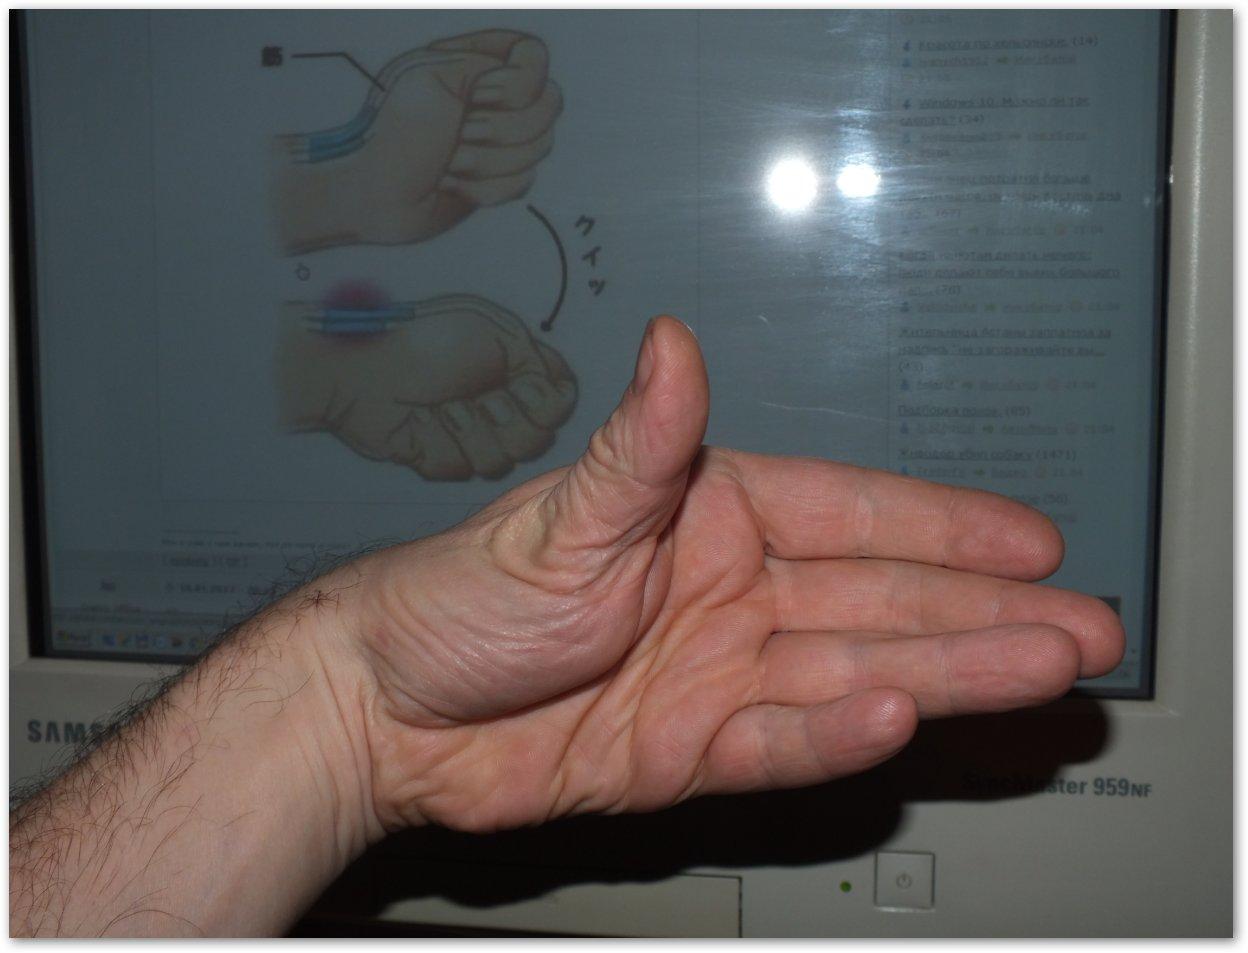 Вывих пальца на руке симптомы лечение фото